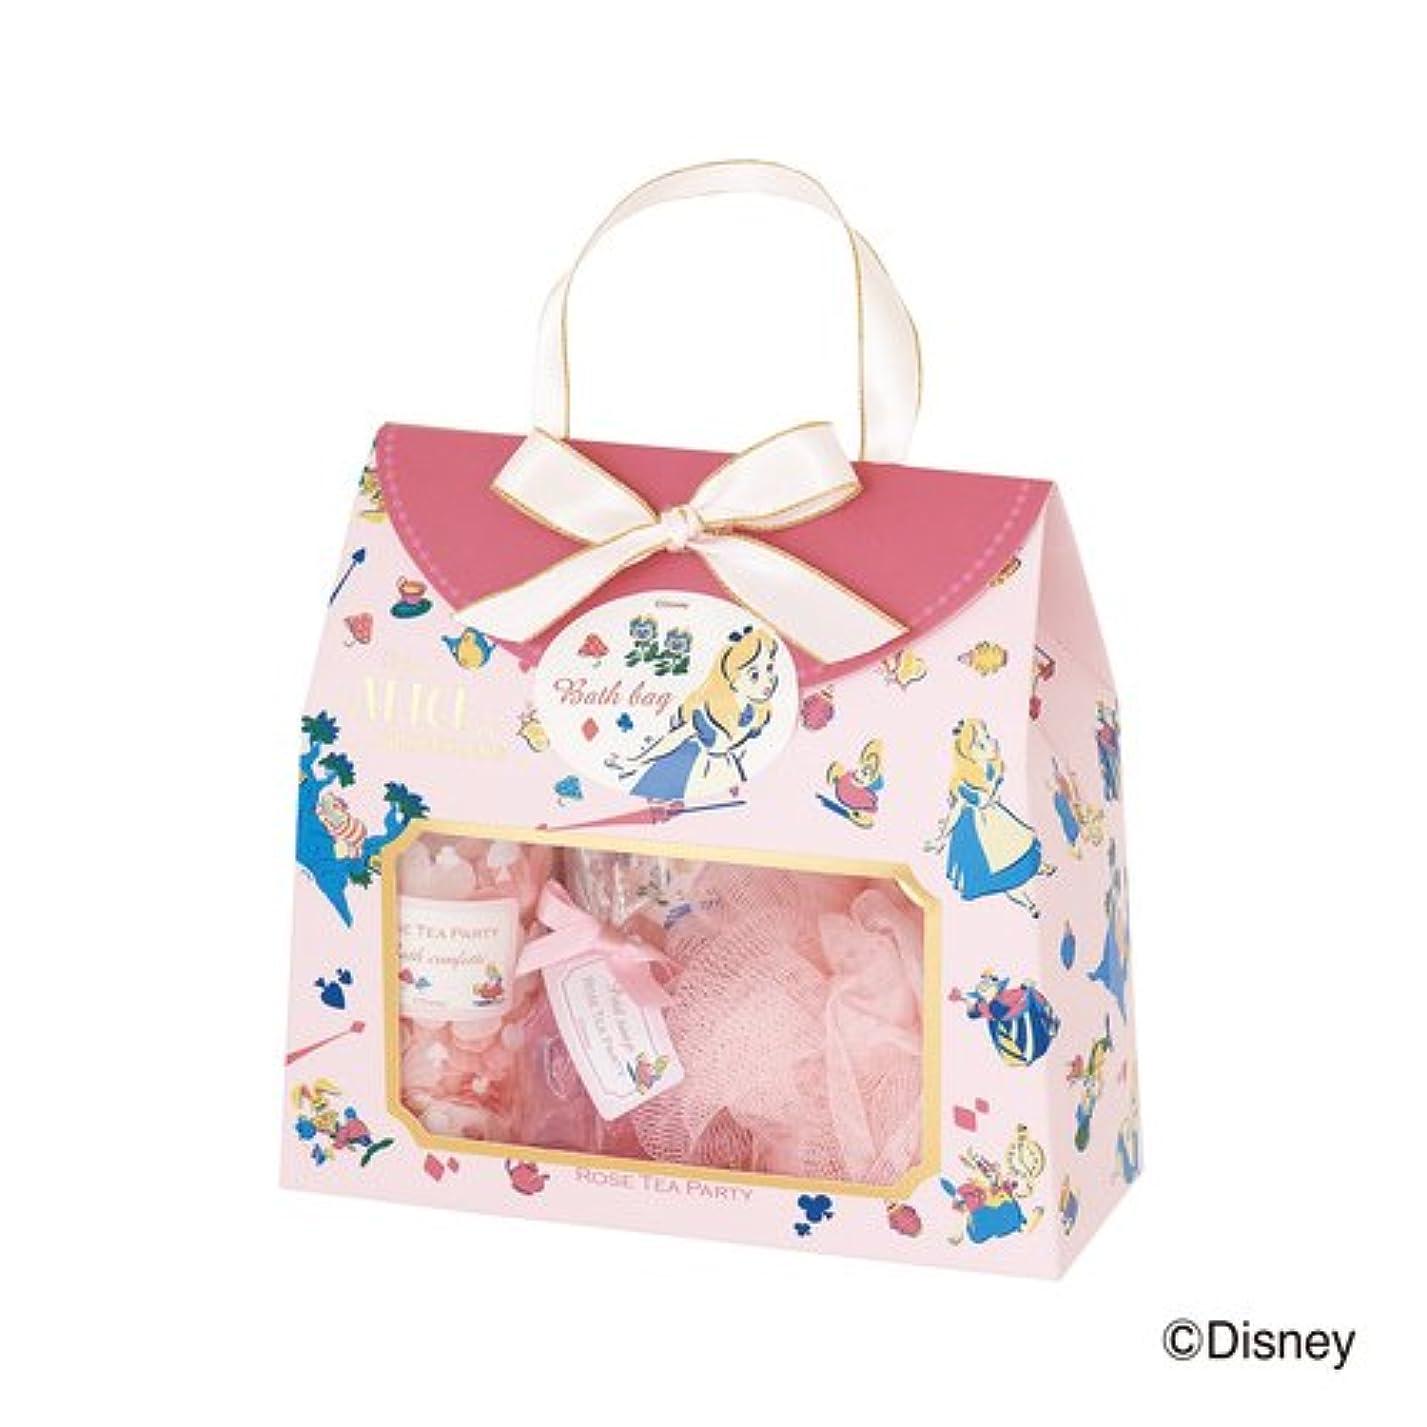 ソビエト煙突移民ディズニーフレグランスコレクション バスバッグト5点セット アリス ローズティーパーティー(爽やかでやさしいバラの香り)